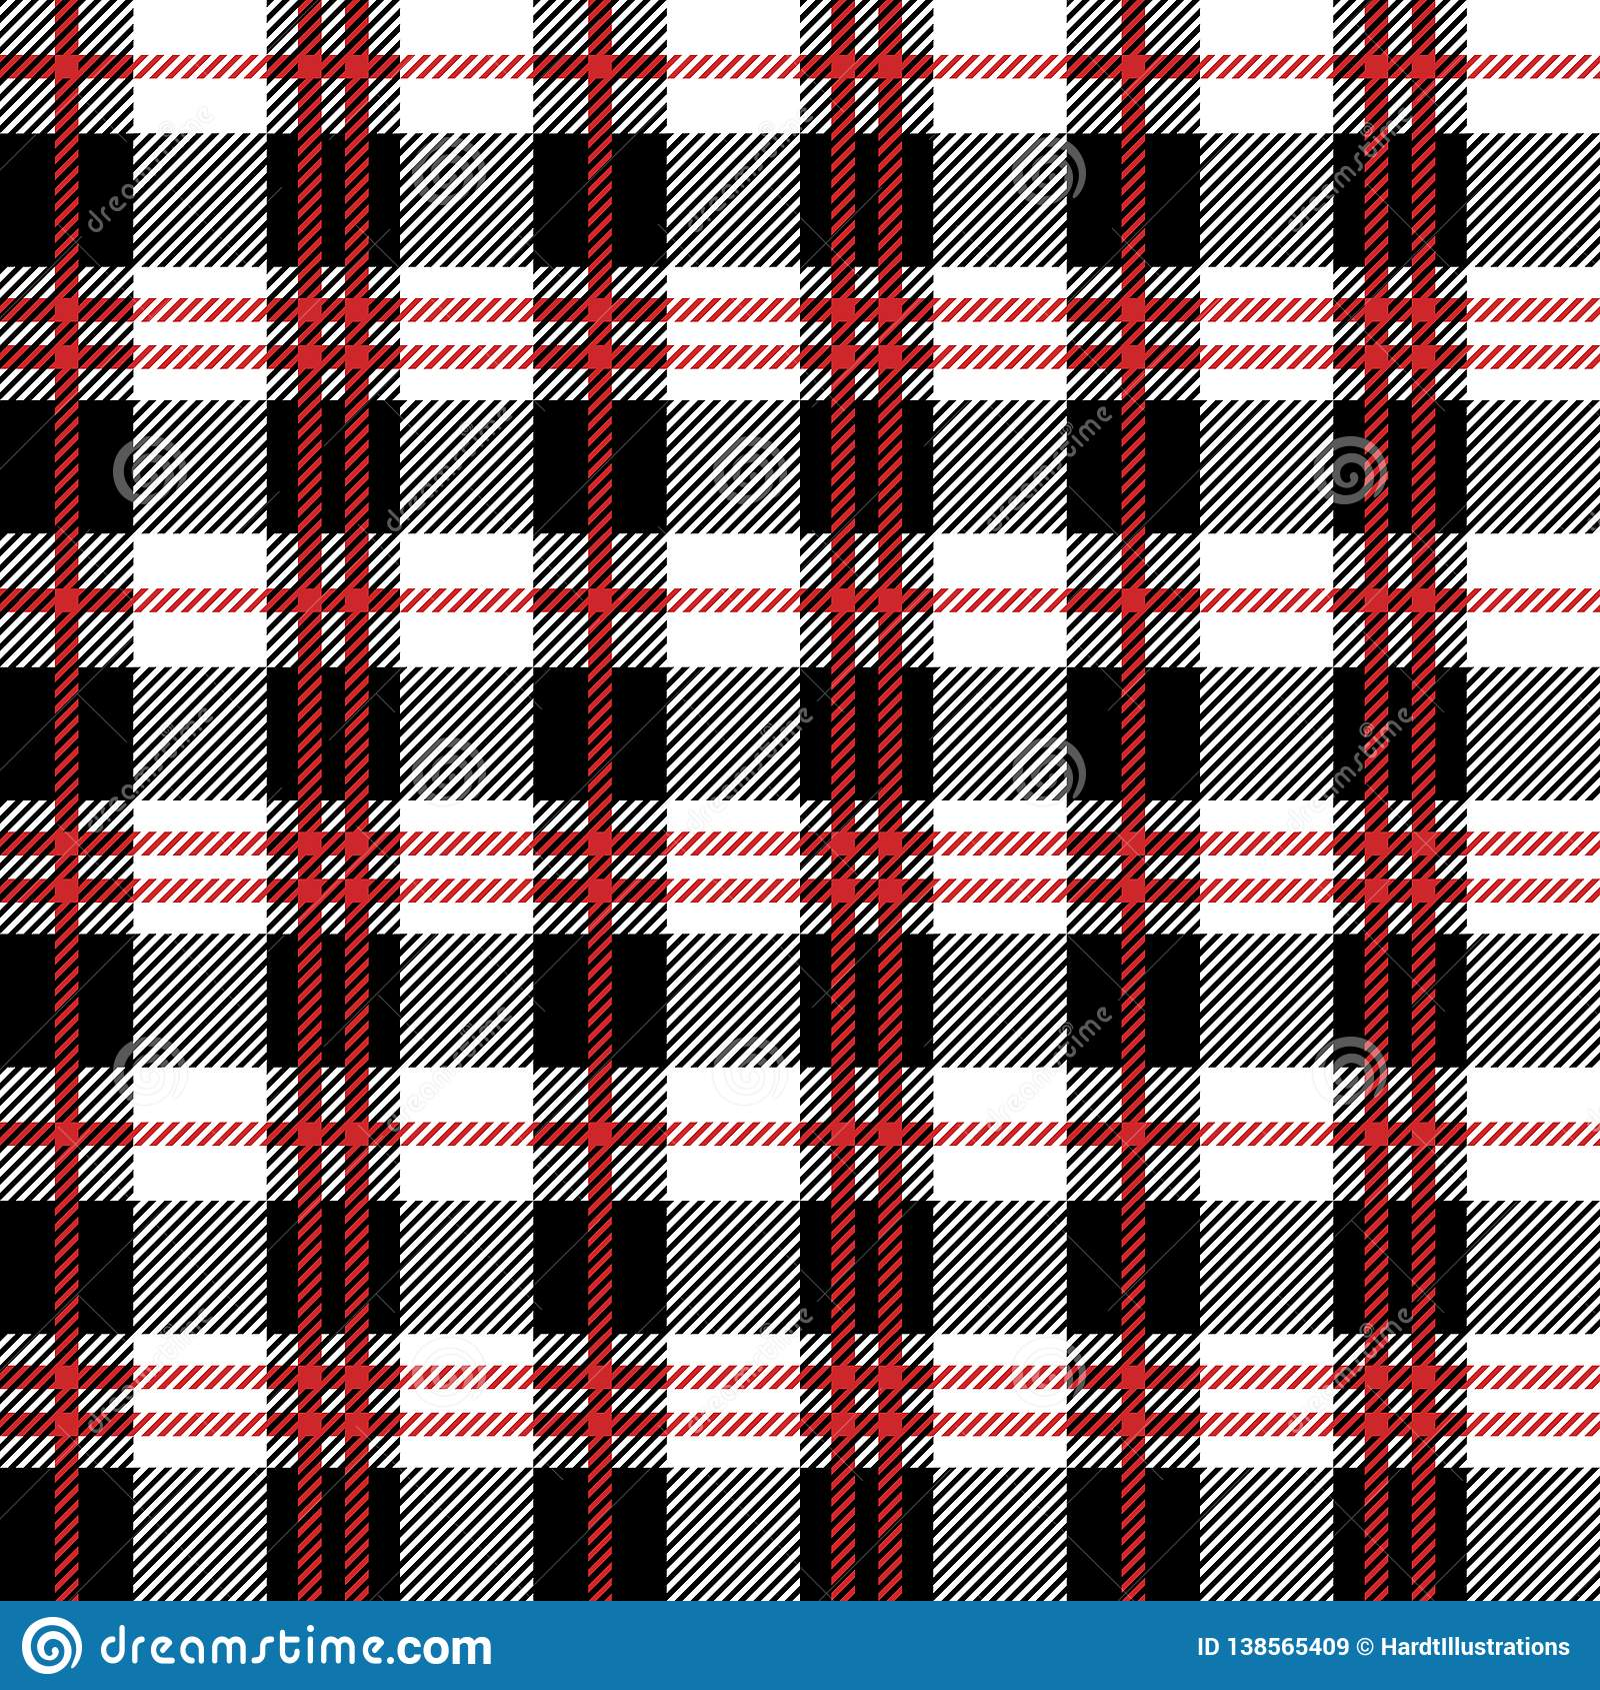 Red Buffalo Plaid Seamless Pattern